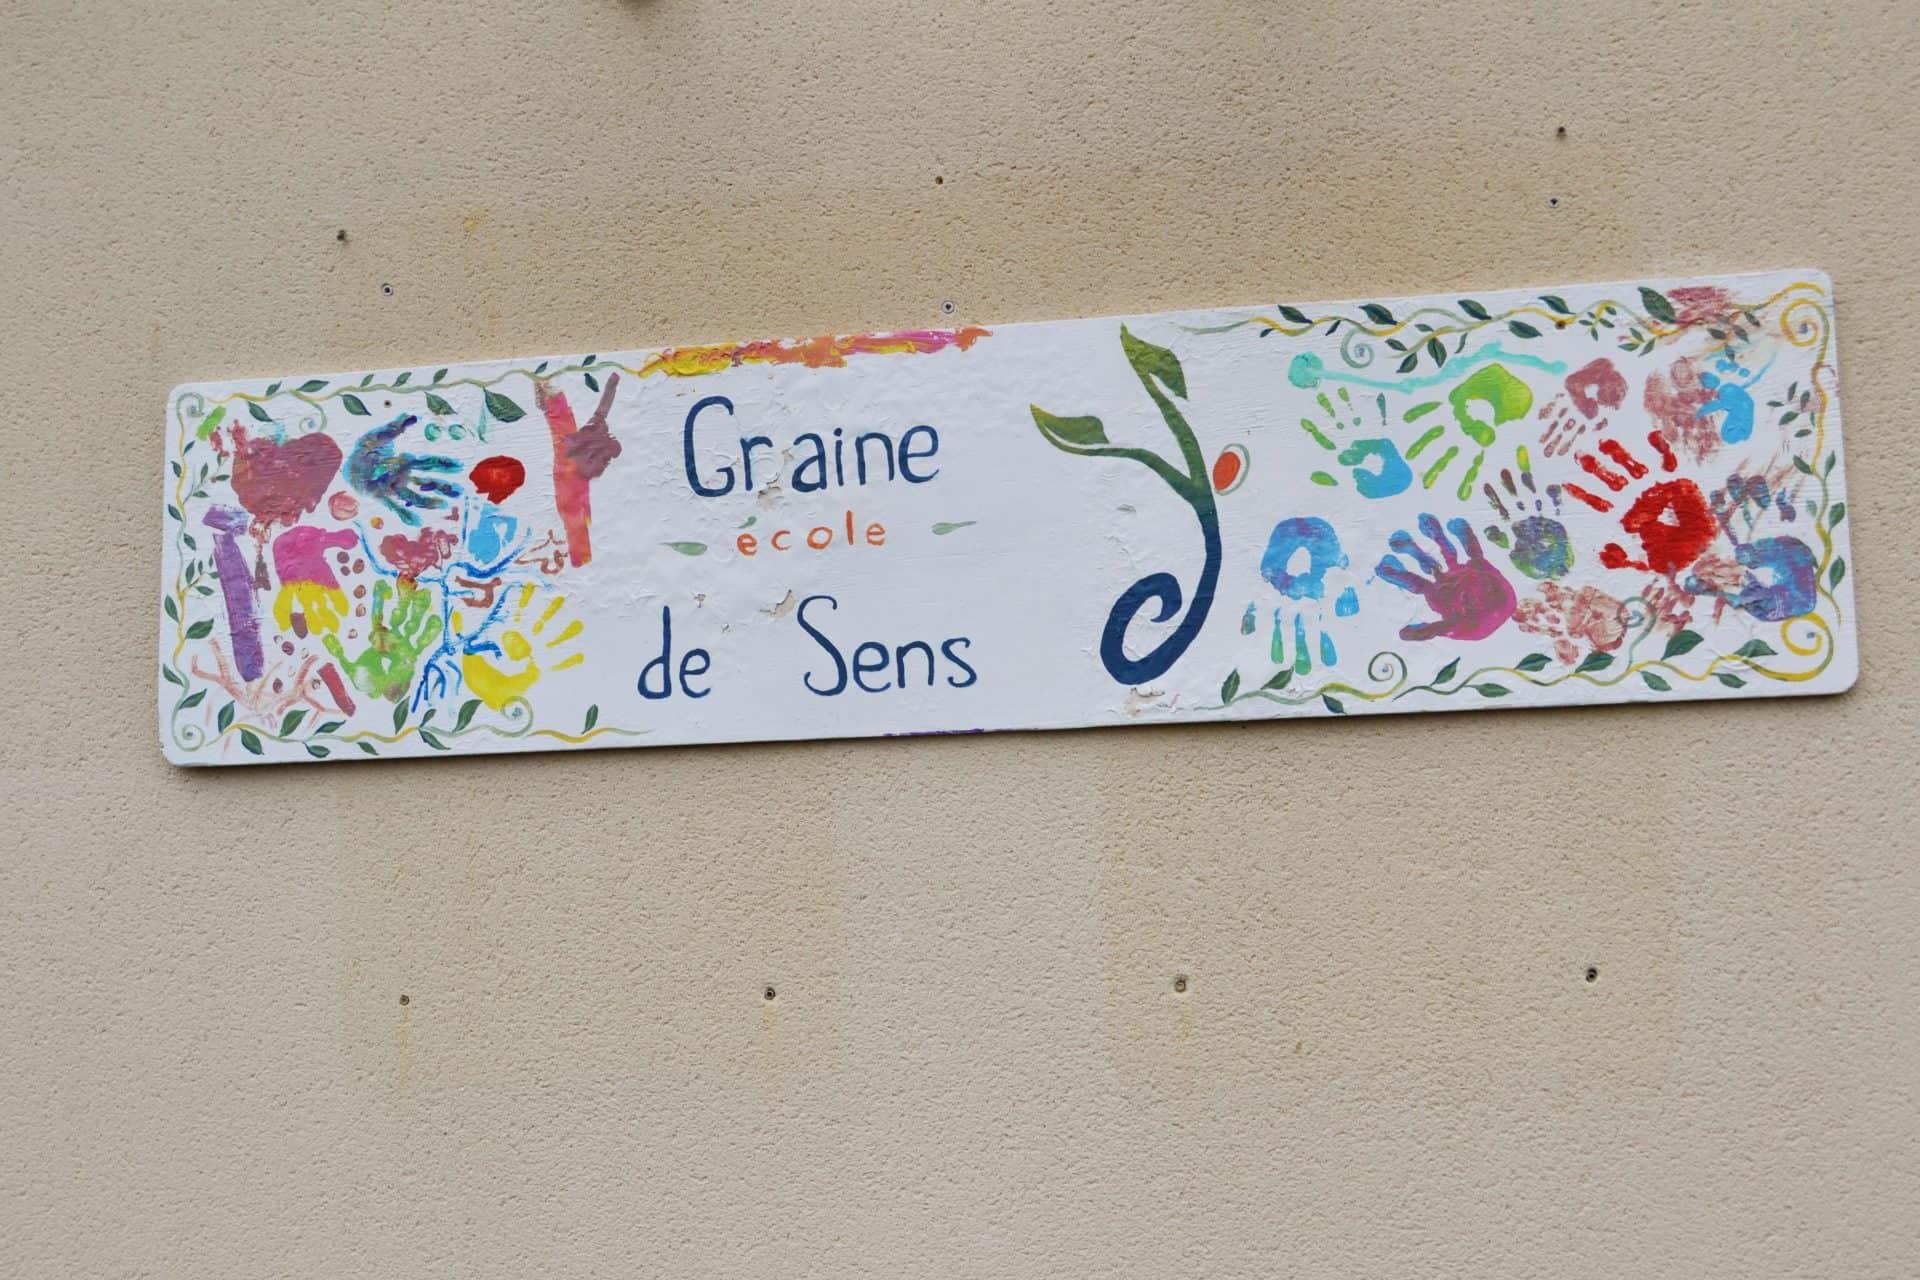 Photo pancarte école Graine de Sens